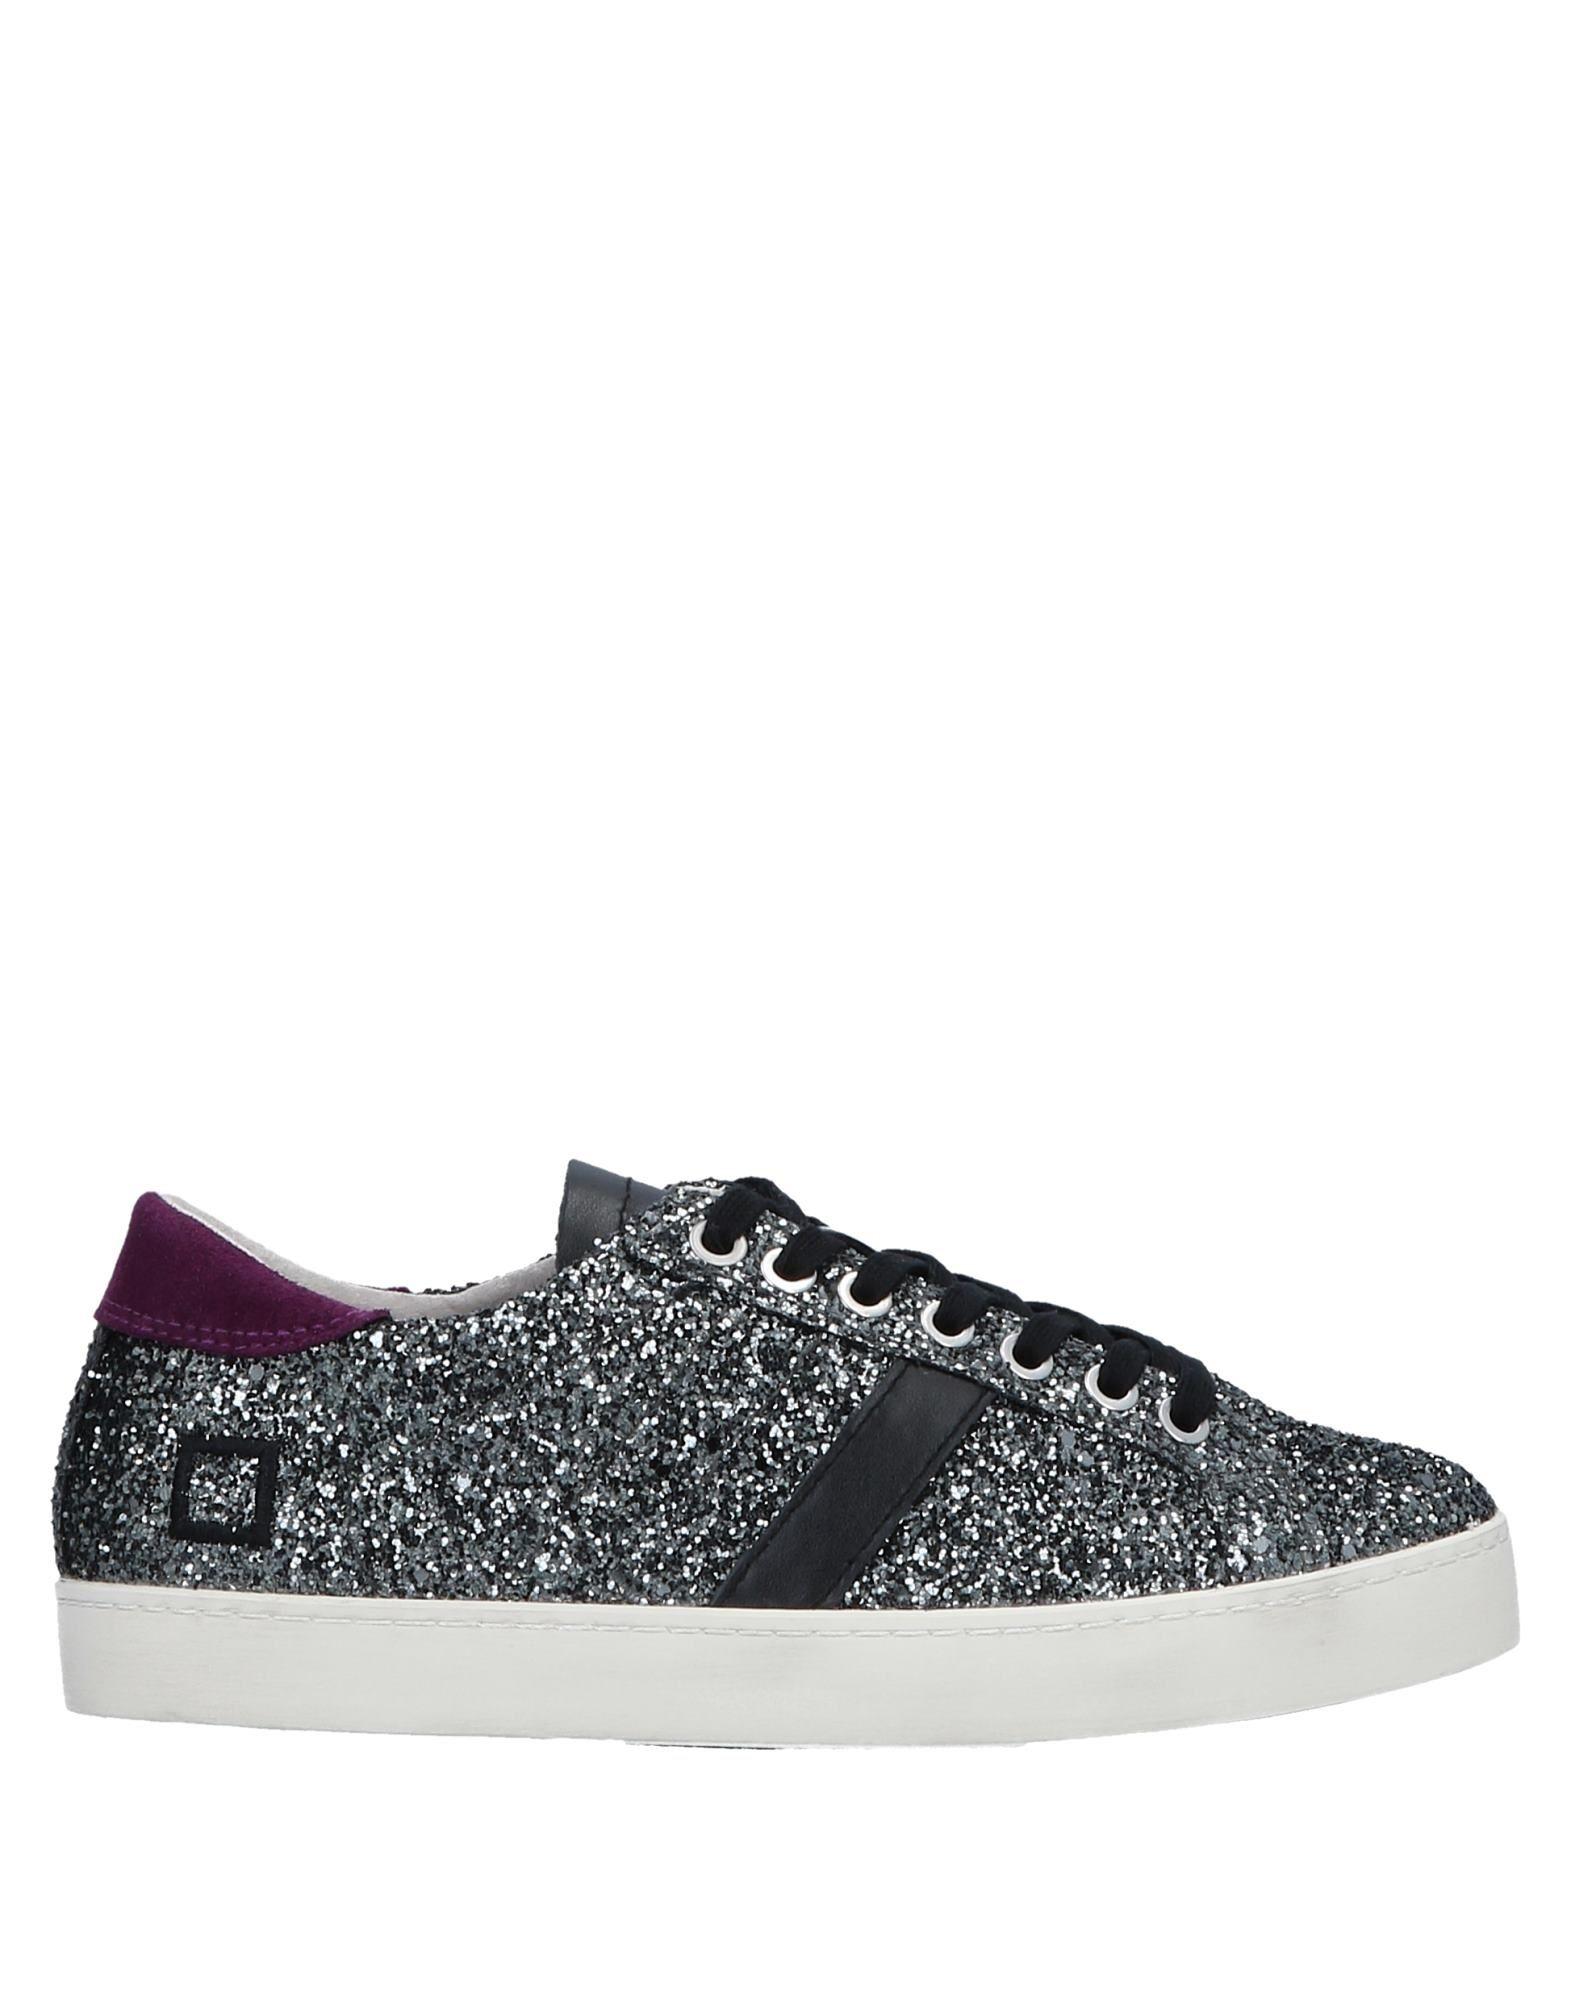 D.A.T.E. Sneakers Damen  11518272LF Gute Qualität beliebte Schuhe